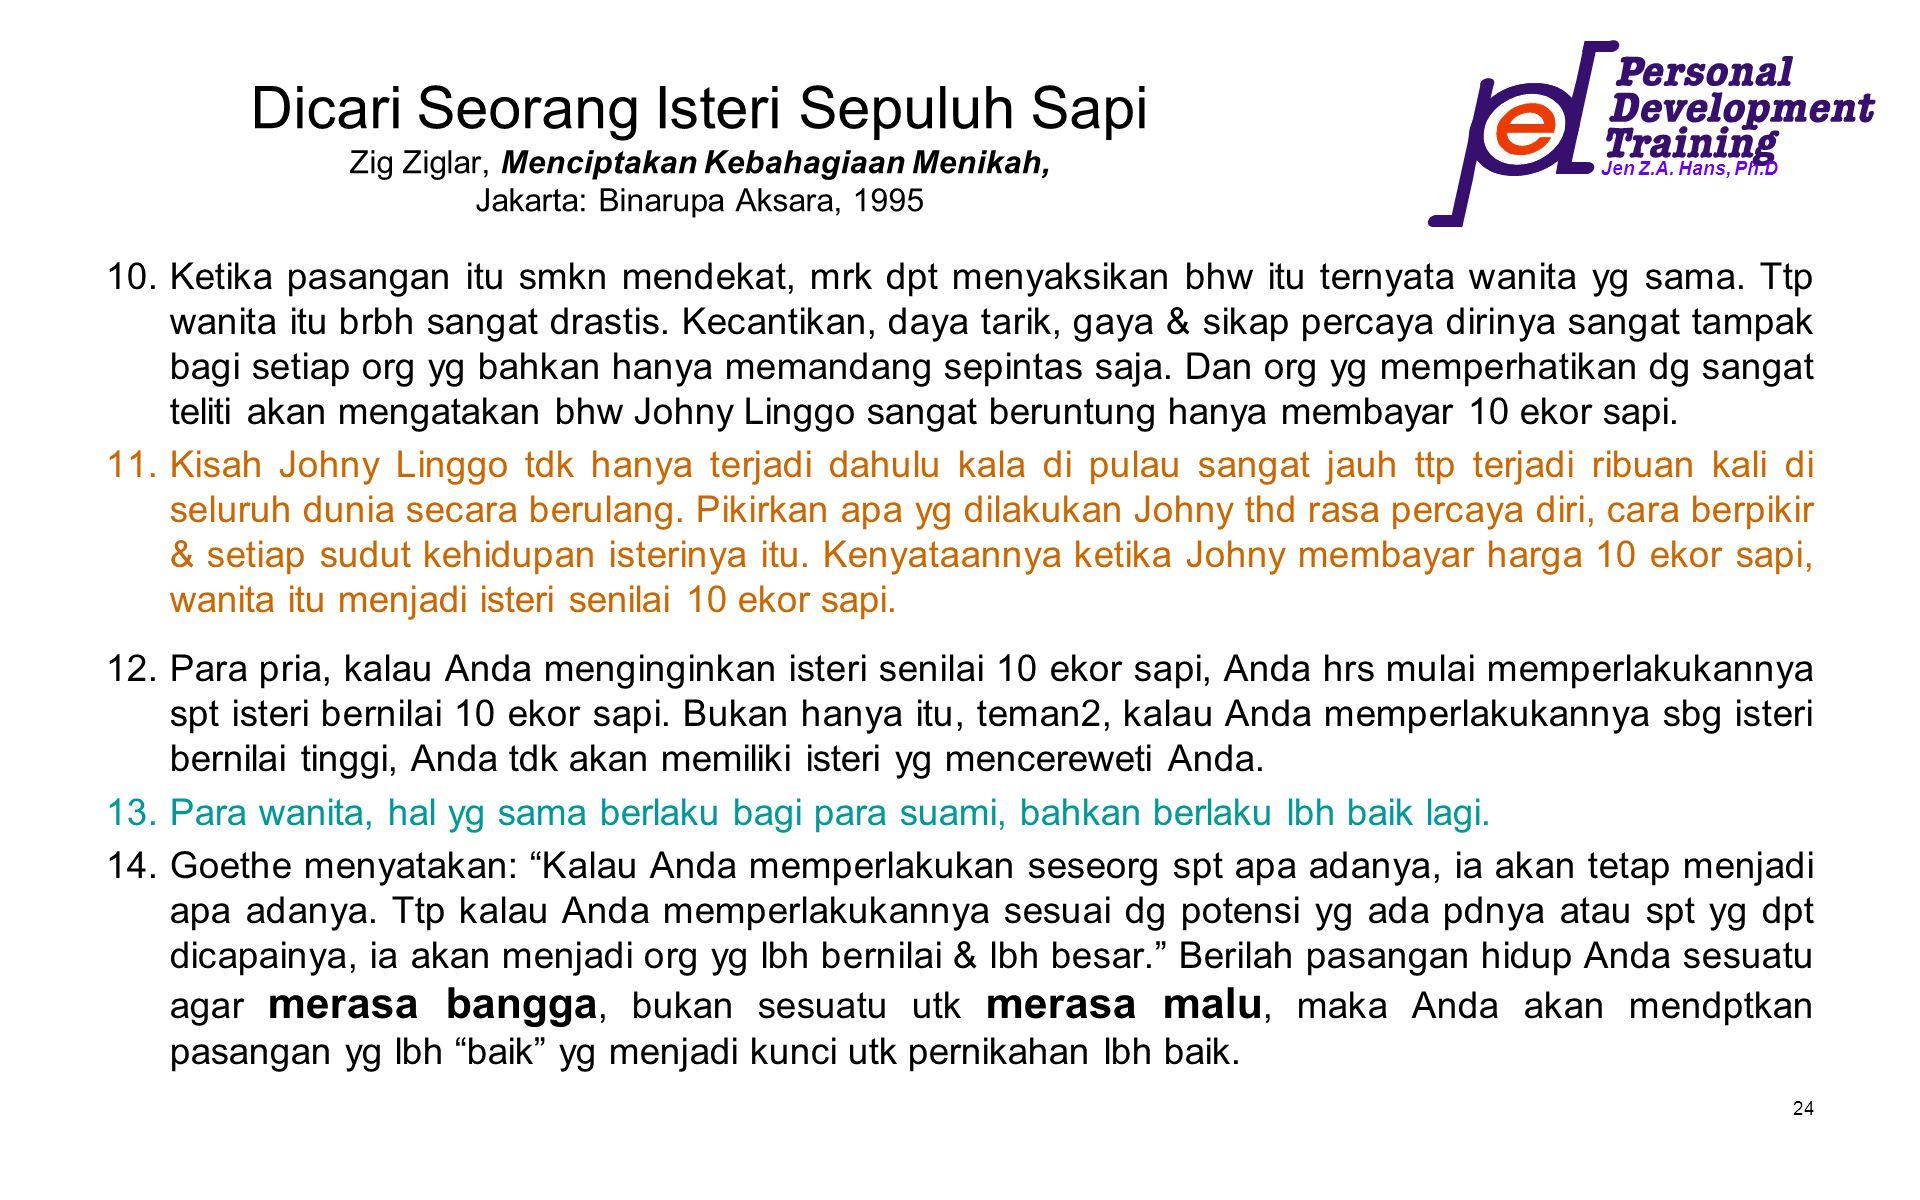 Jen Z.A. Hans, Ph.D 24 Dicari Seorang Isteri Sepuluh Sapi Zig Ziglar, Menciptakan Kebahagiaan Menikah, Jakarta: Binarupa Aksara, 1995 10.Ketika pasang